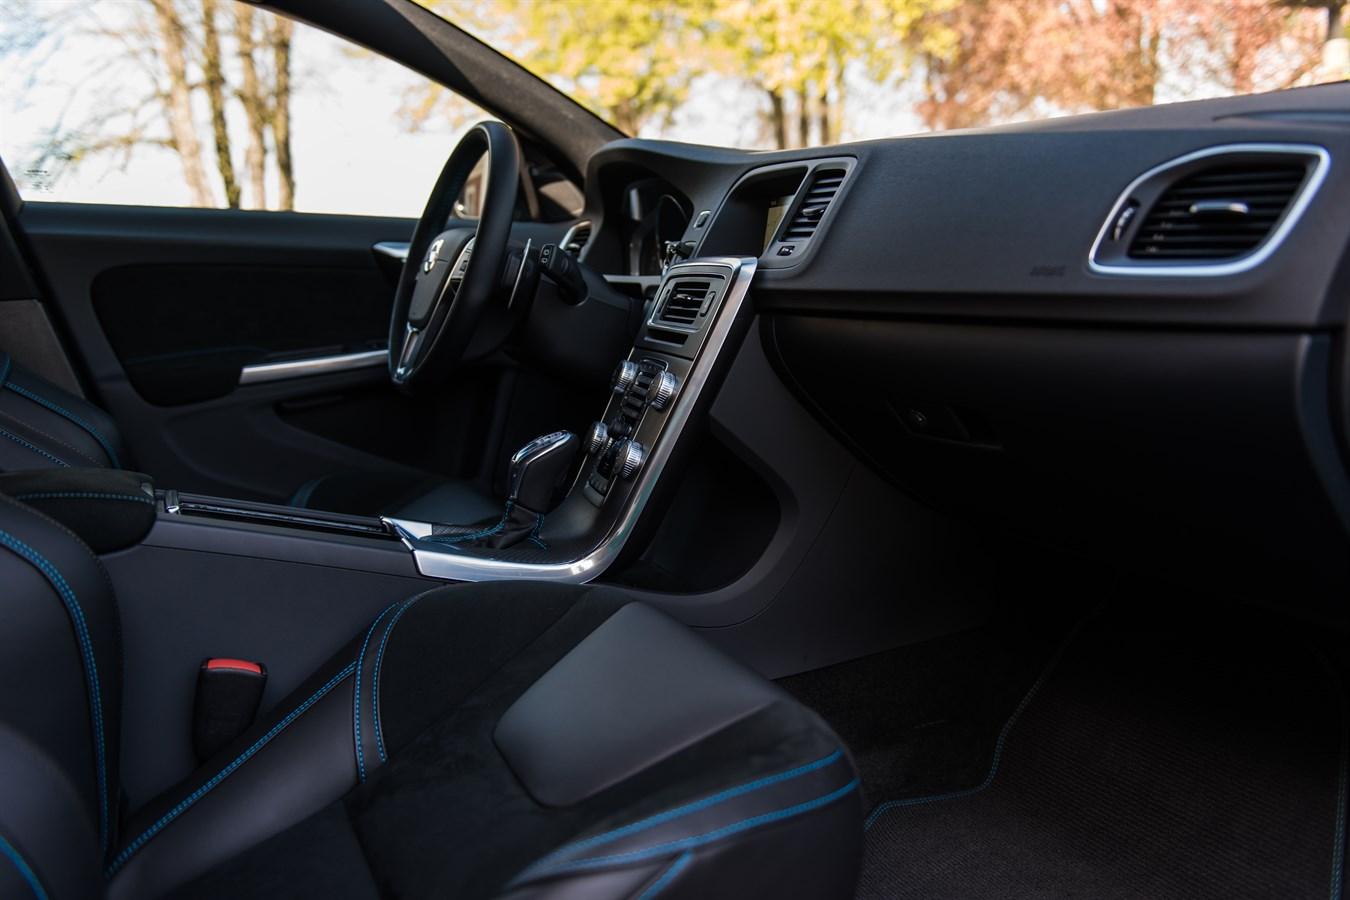 Volvo S60 and V60 Polestar interior - Volvo Car Group Global Media ...